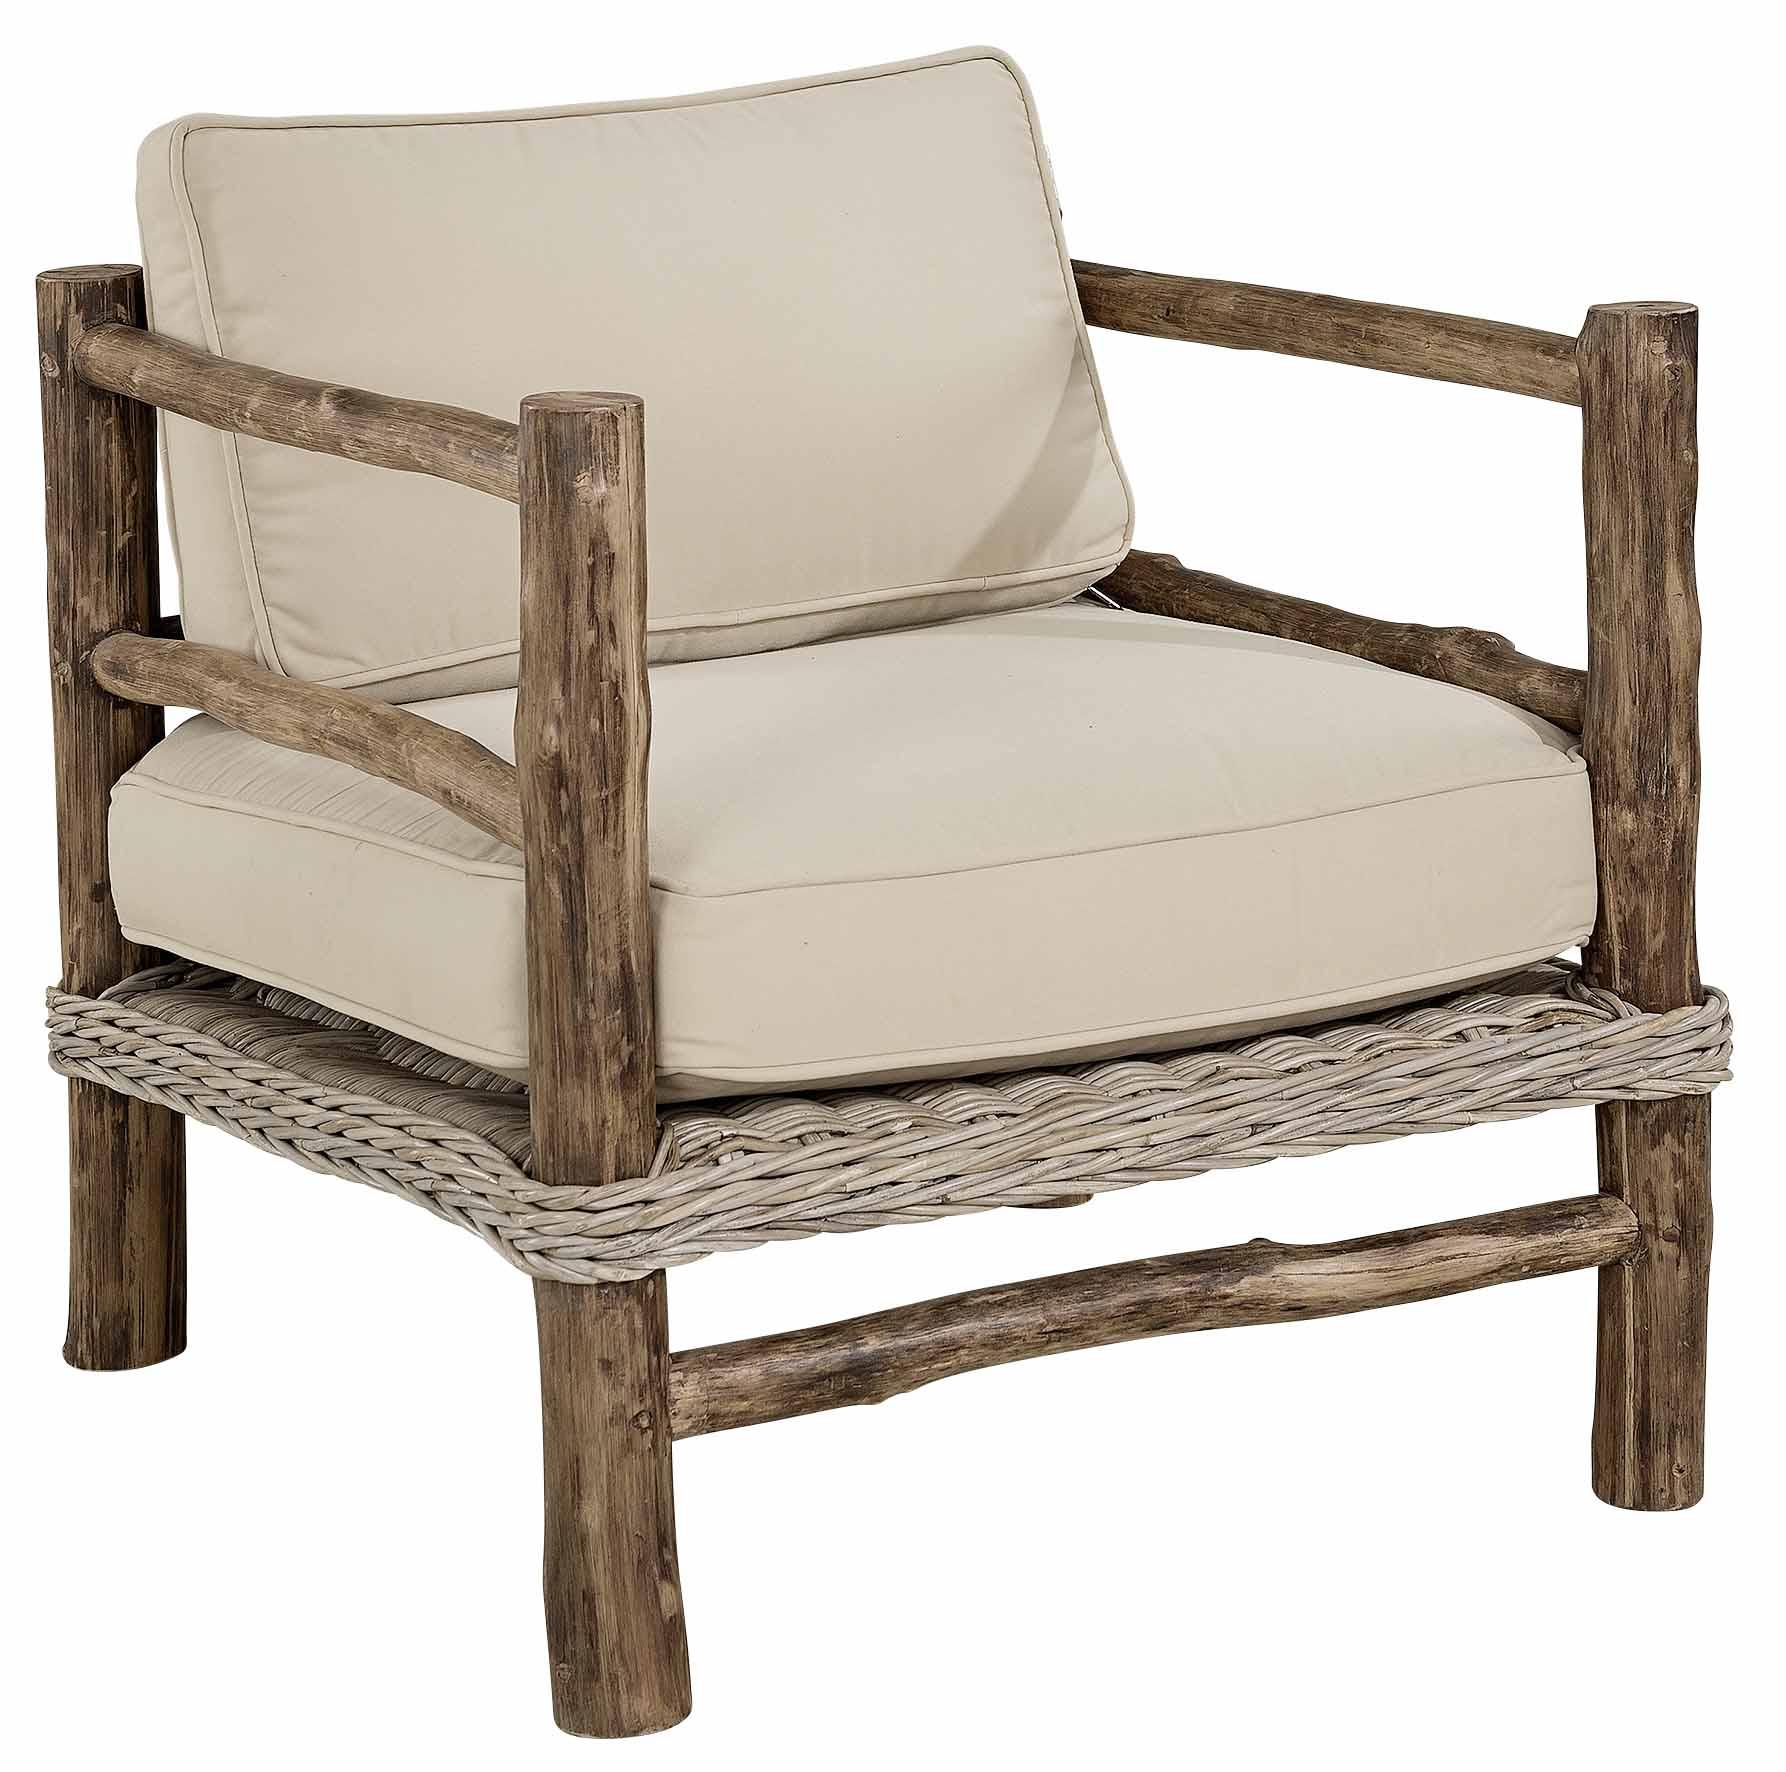 sand fåtölj - annorlunda möbler